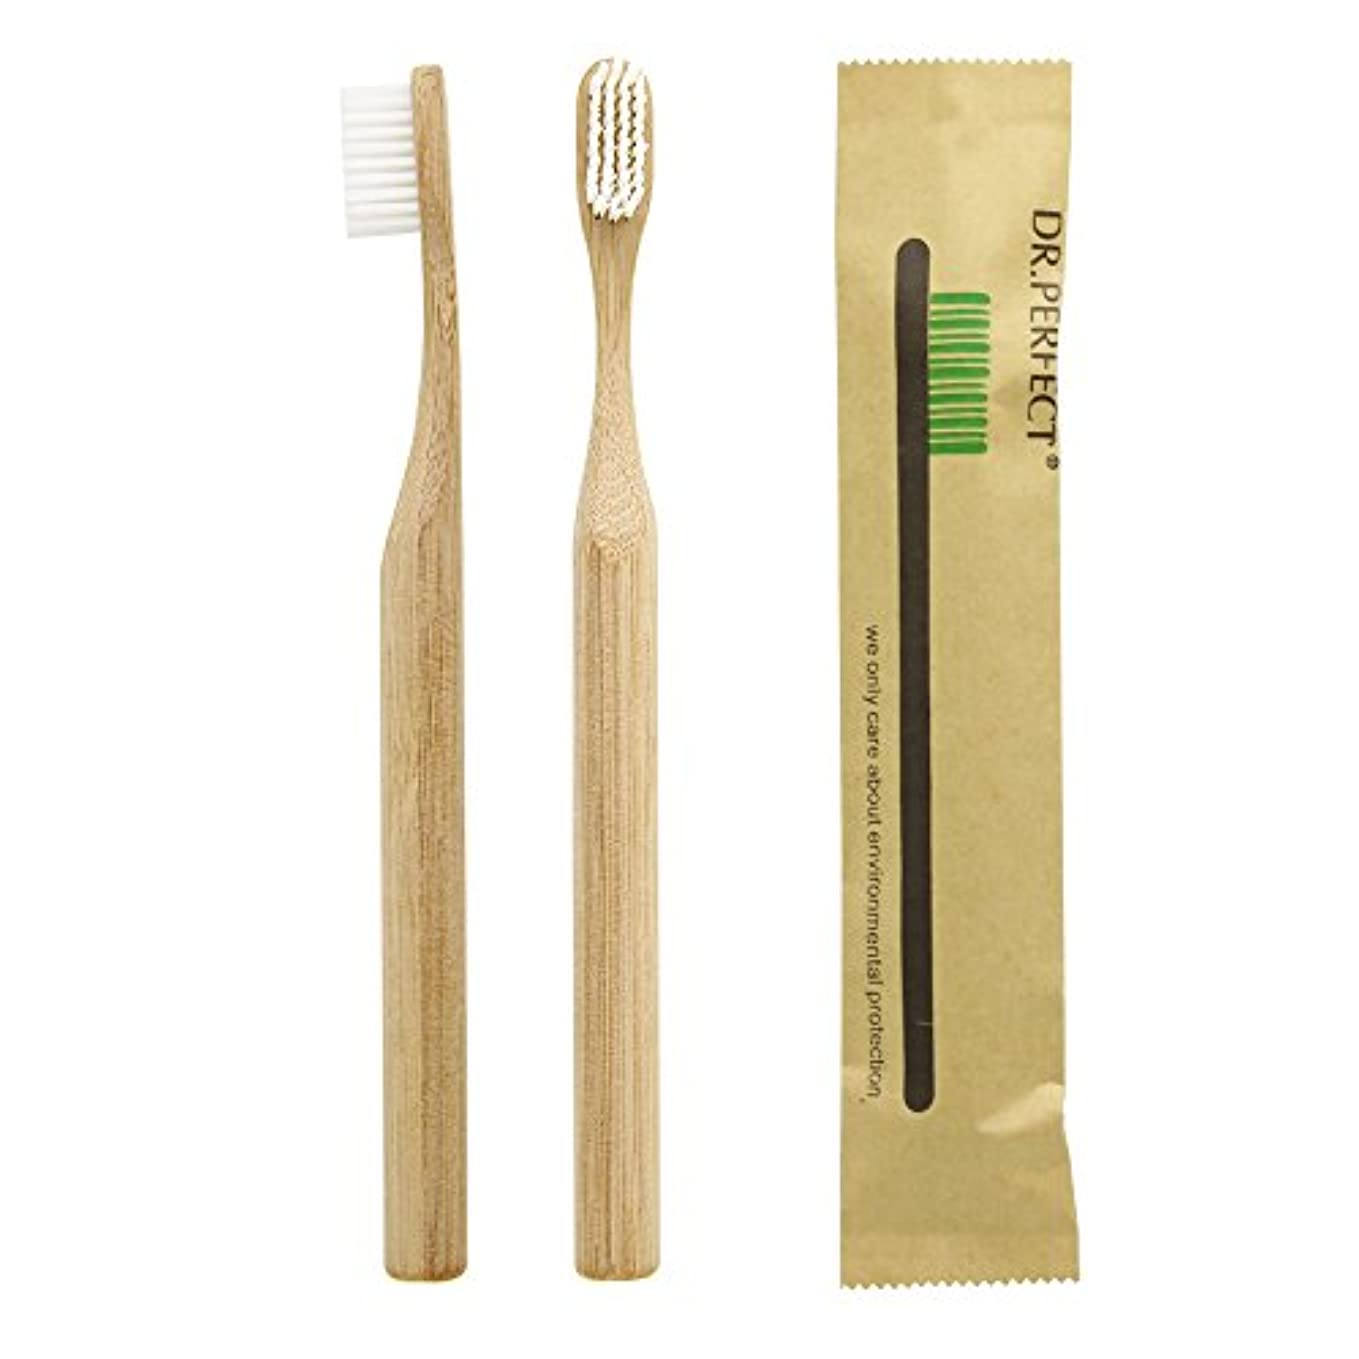 キラウエア山複雑な説教するDr.Perfect Bamboo Toothbrush アダルト竹の歯ブラシ ナイロン毛 環境にやさしい製品 (ホワイト)